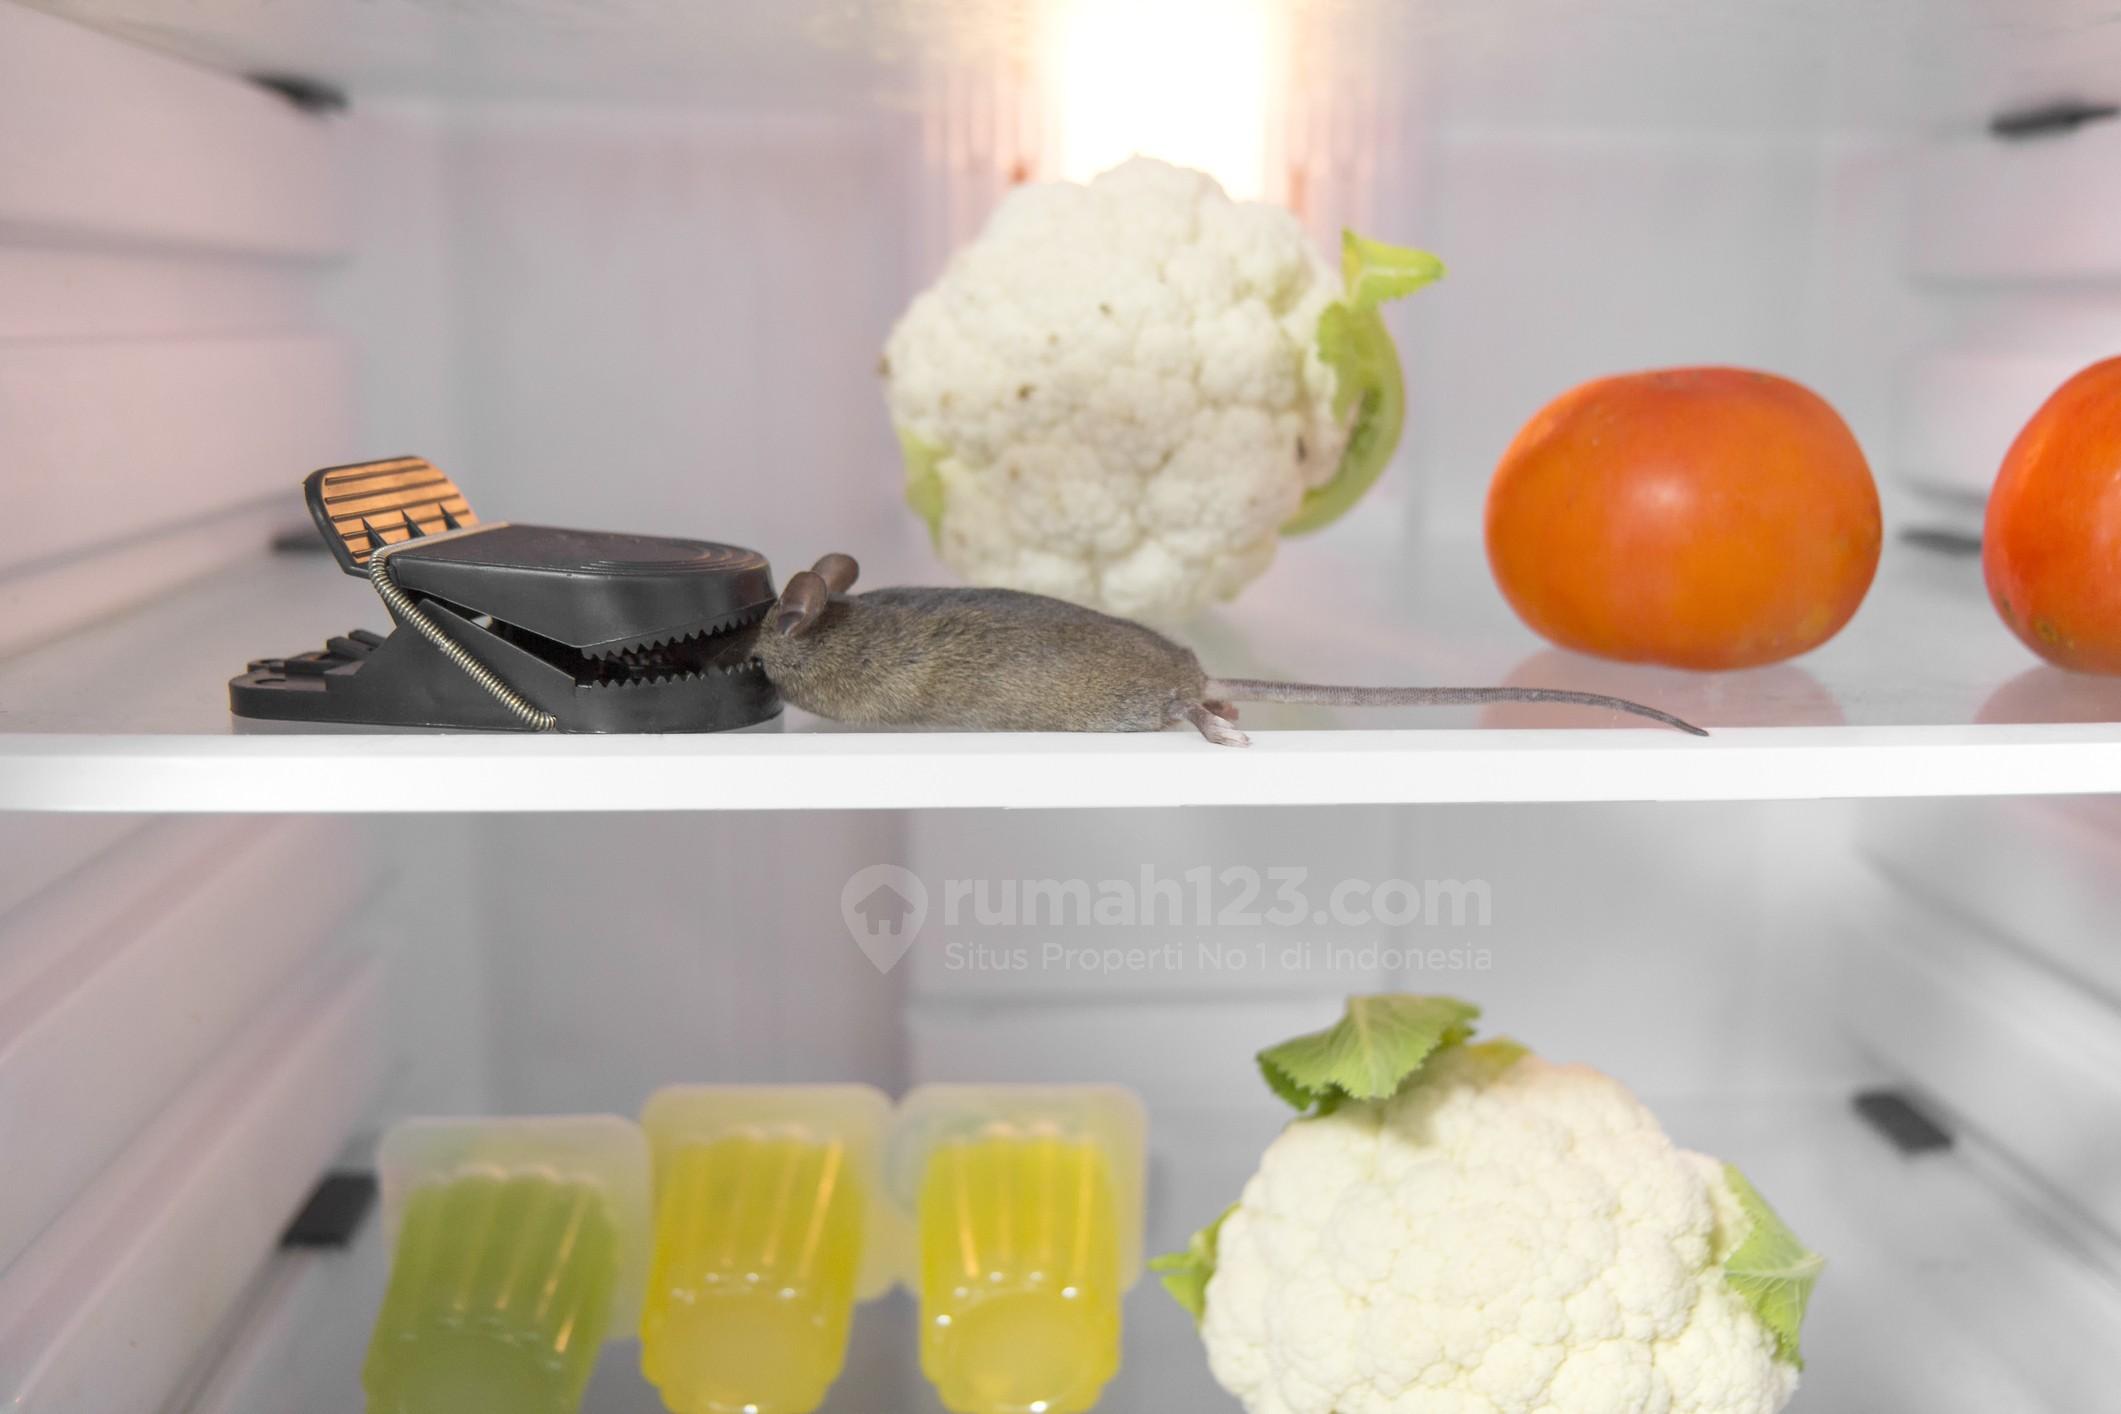 Cara Mengusir Tikus dengan Ampuh Menggunakan 9 Bahan Dapur